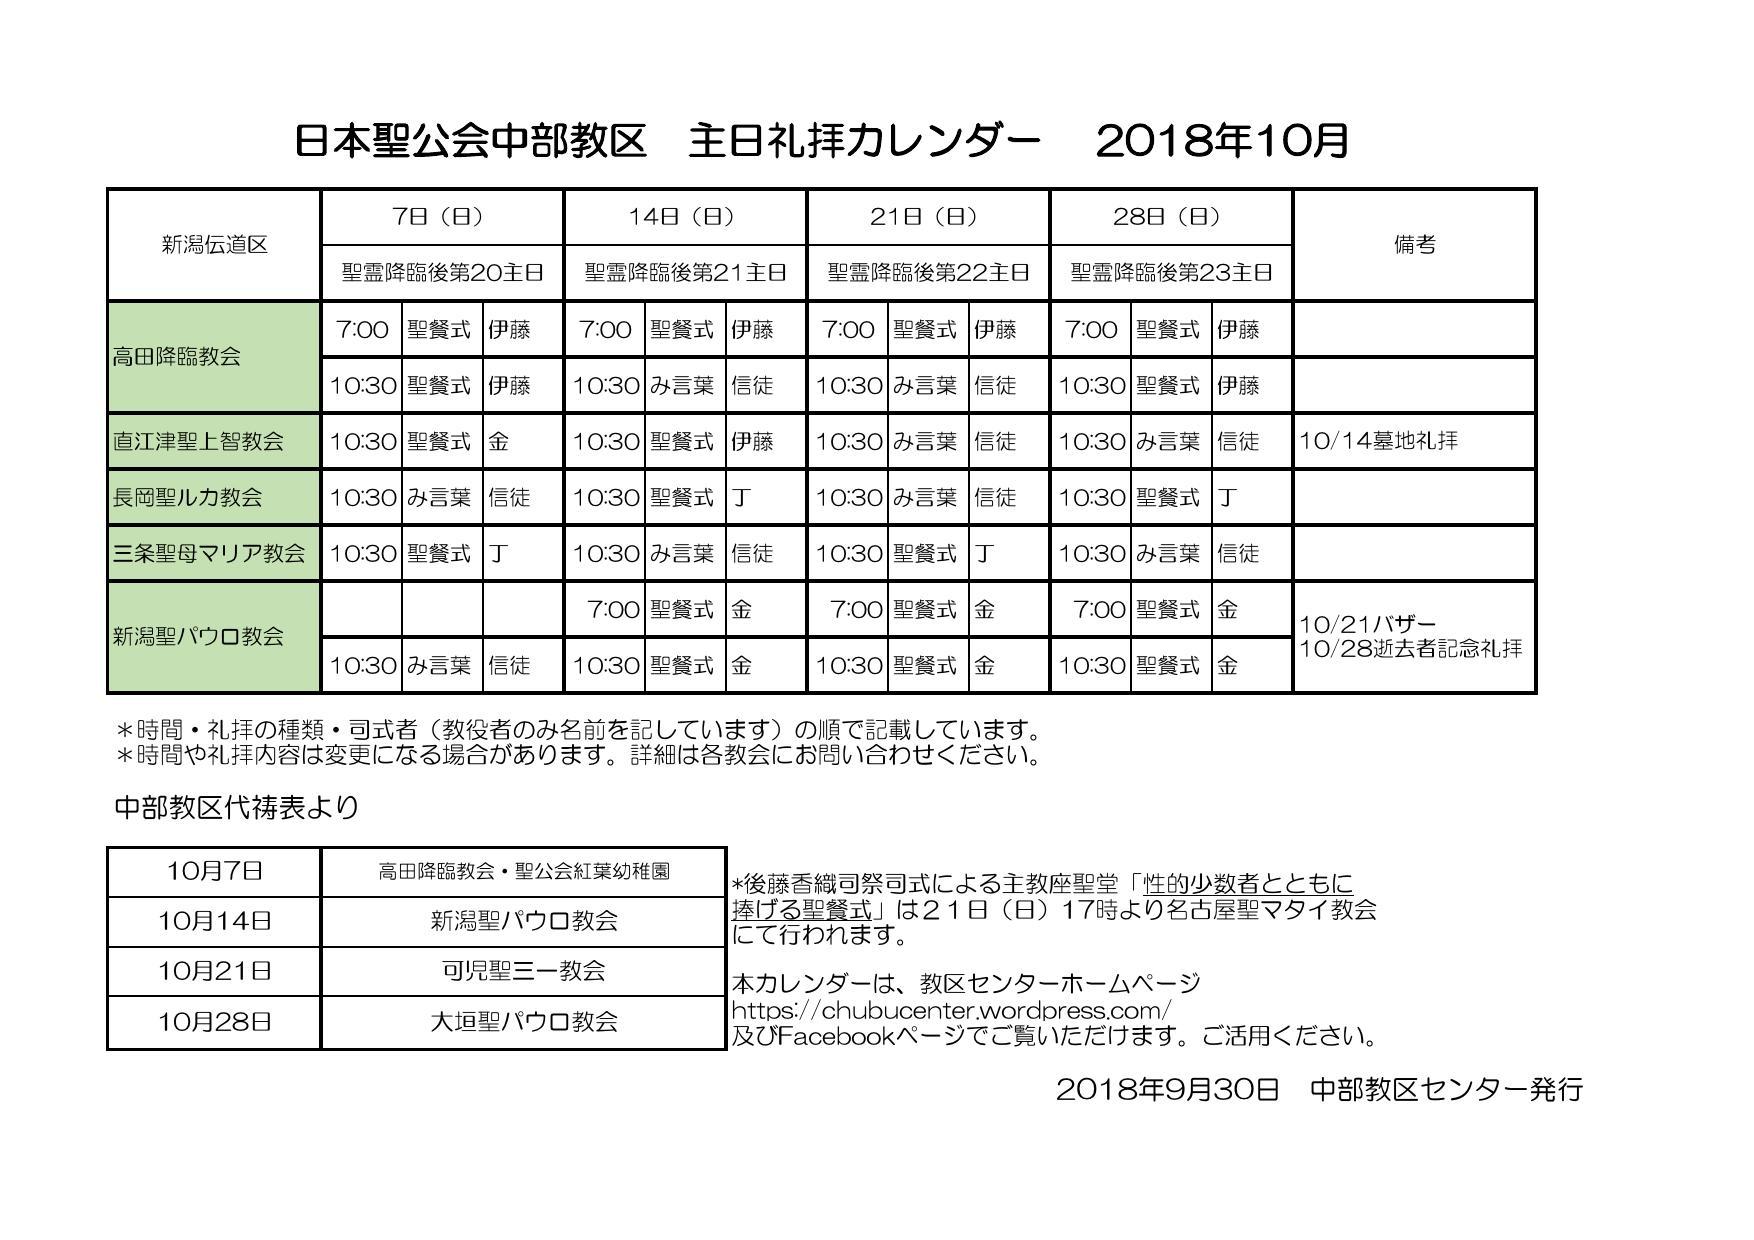 礼拝カレンダー2018年10月_000003